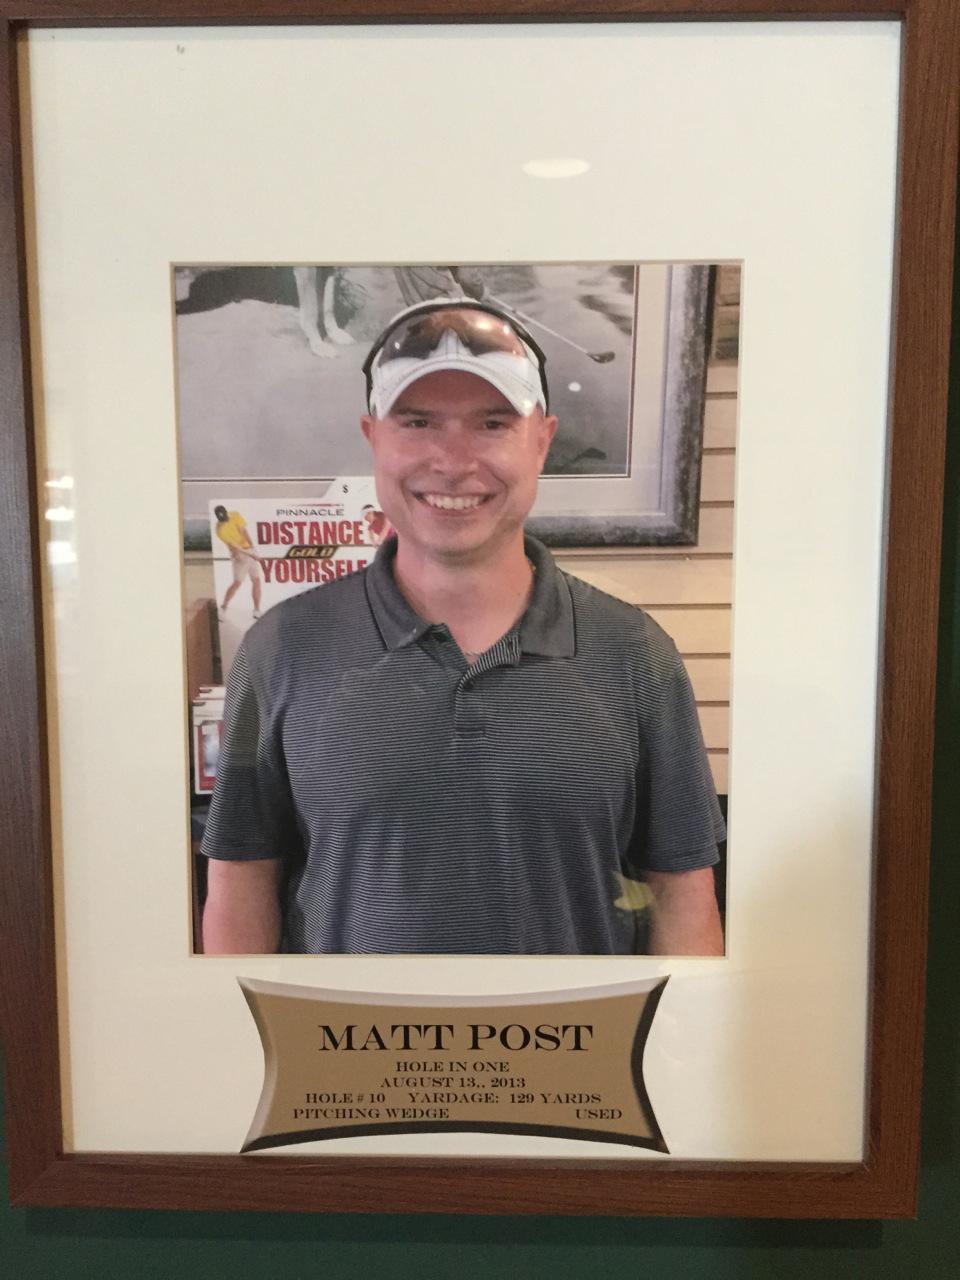 Matt Post